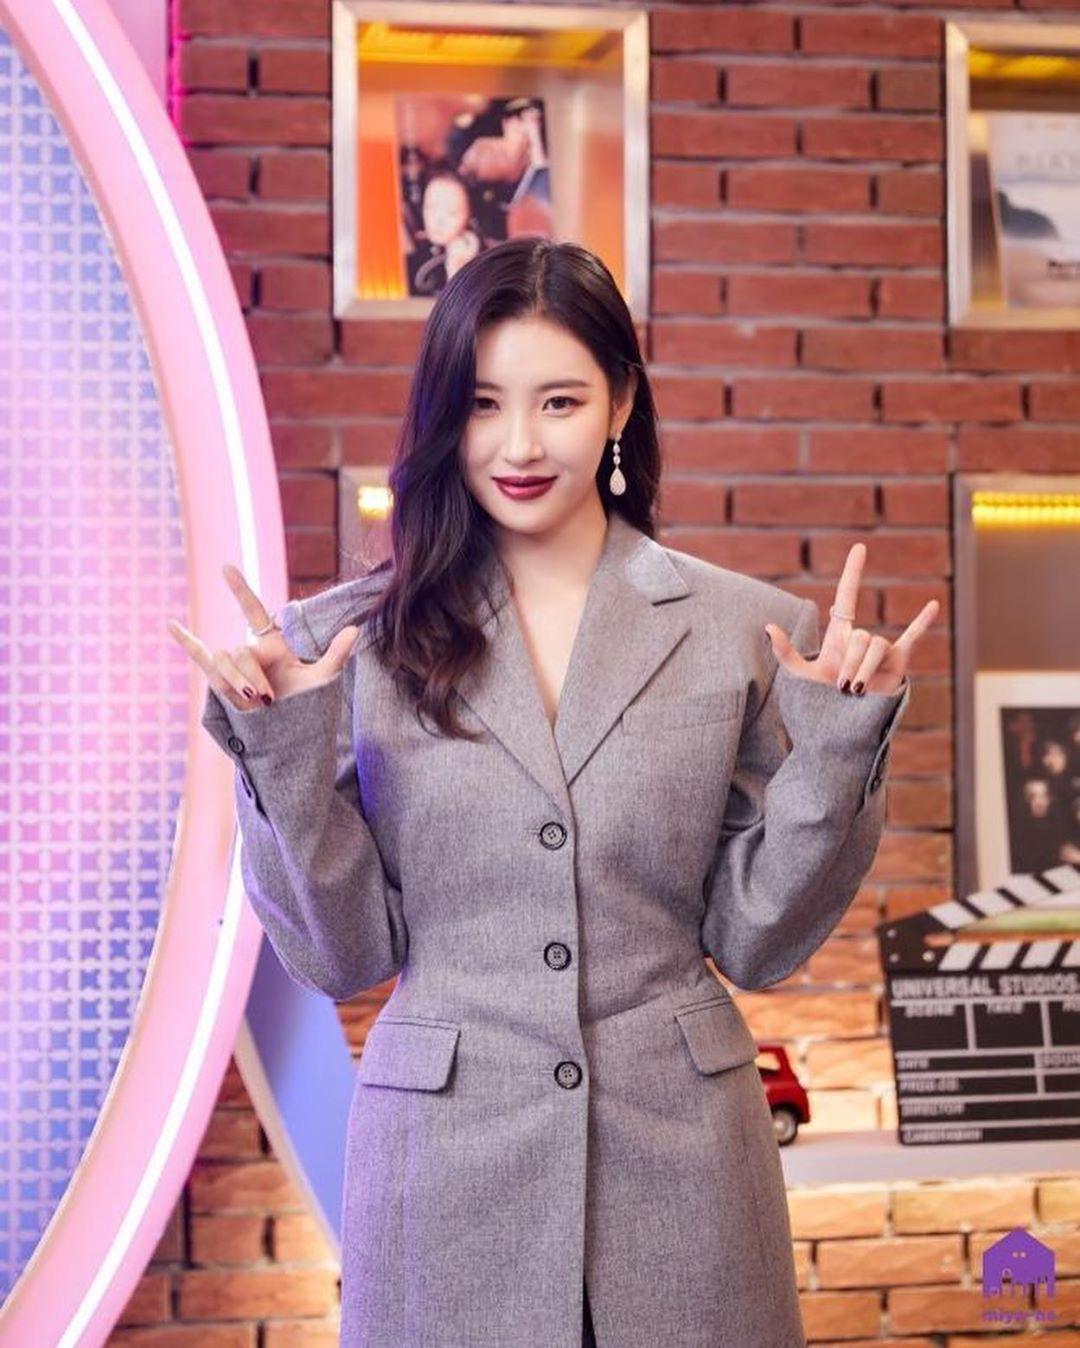 Style khi đi ghi hình của loạt idol Kpop: Người mặc đơn giản vẫn hút, người như trình diễn thời trang - Ảnh 4.